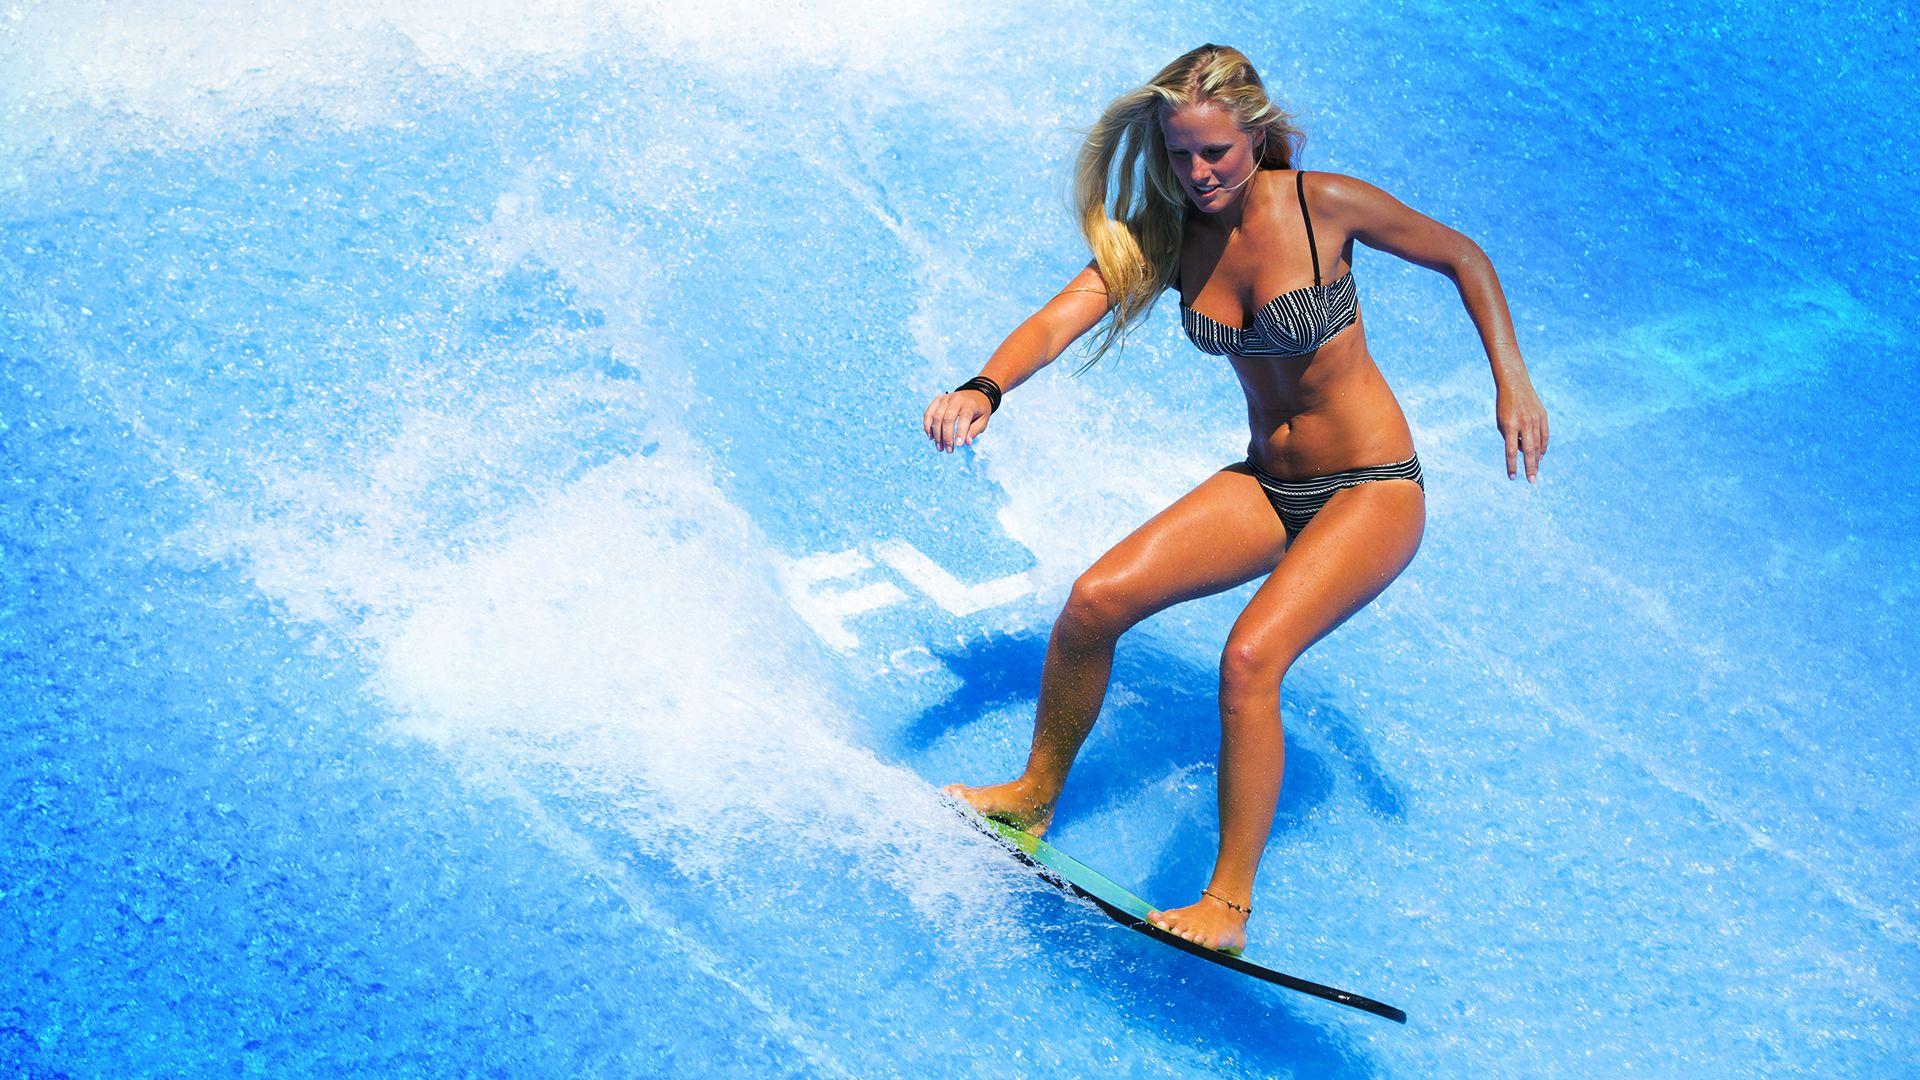 Surfing Helsinki